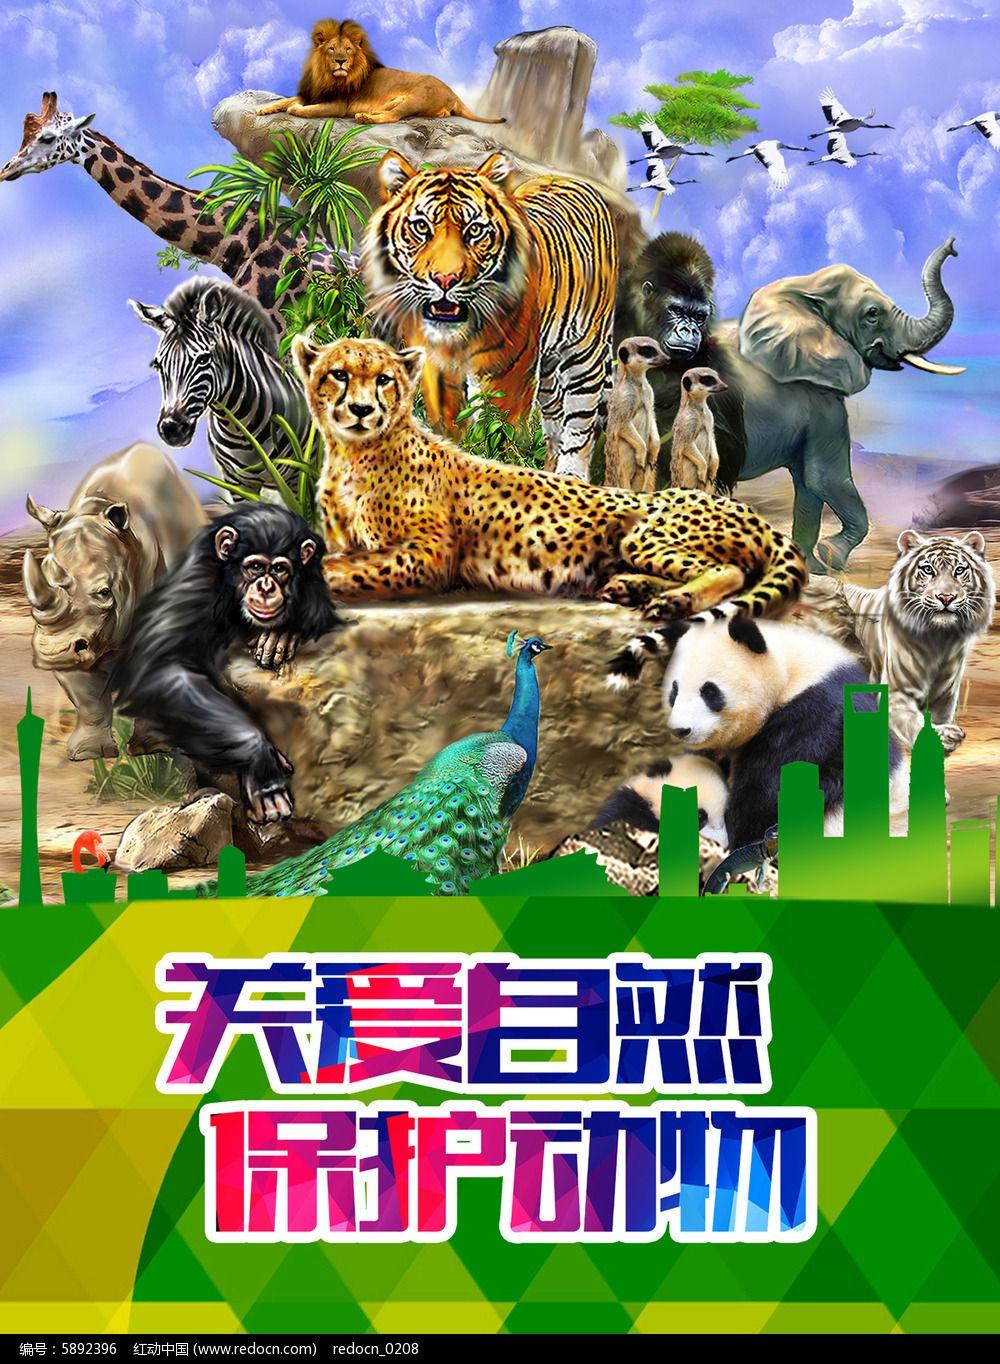 原创设计稿 海报设计/宣传单/广告牌 海报设计 保护动物海报  请您图片